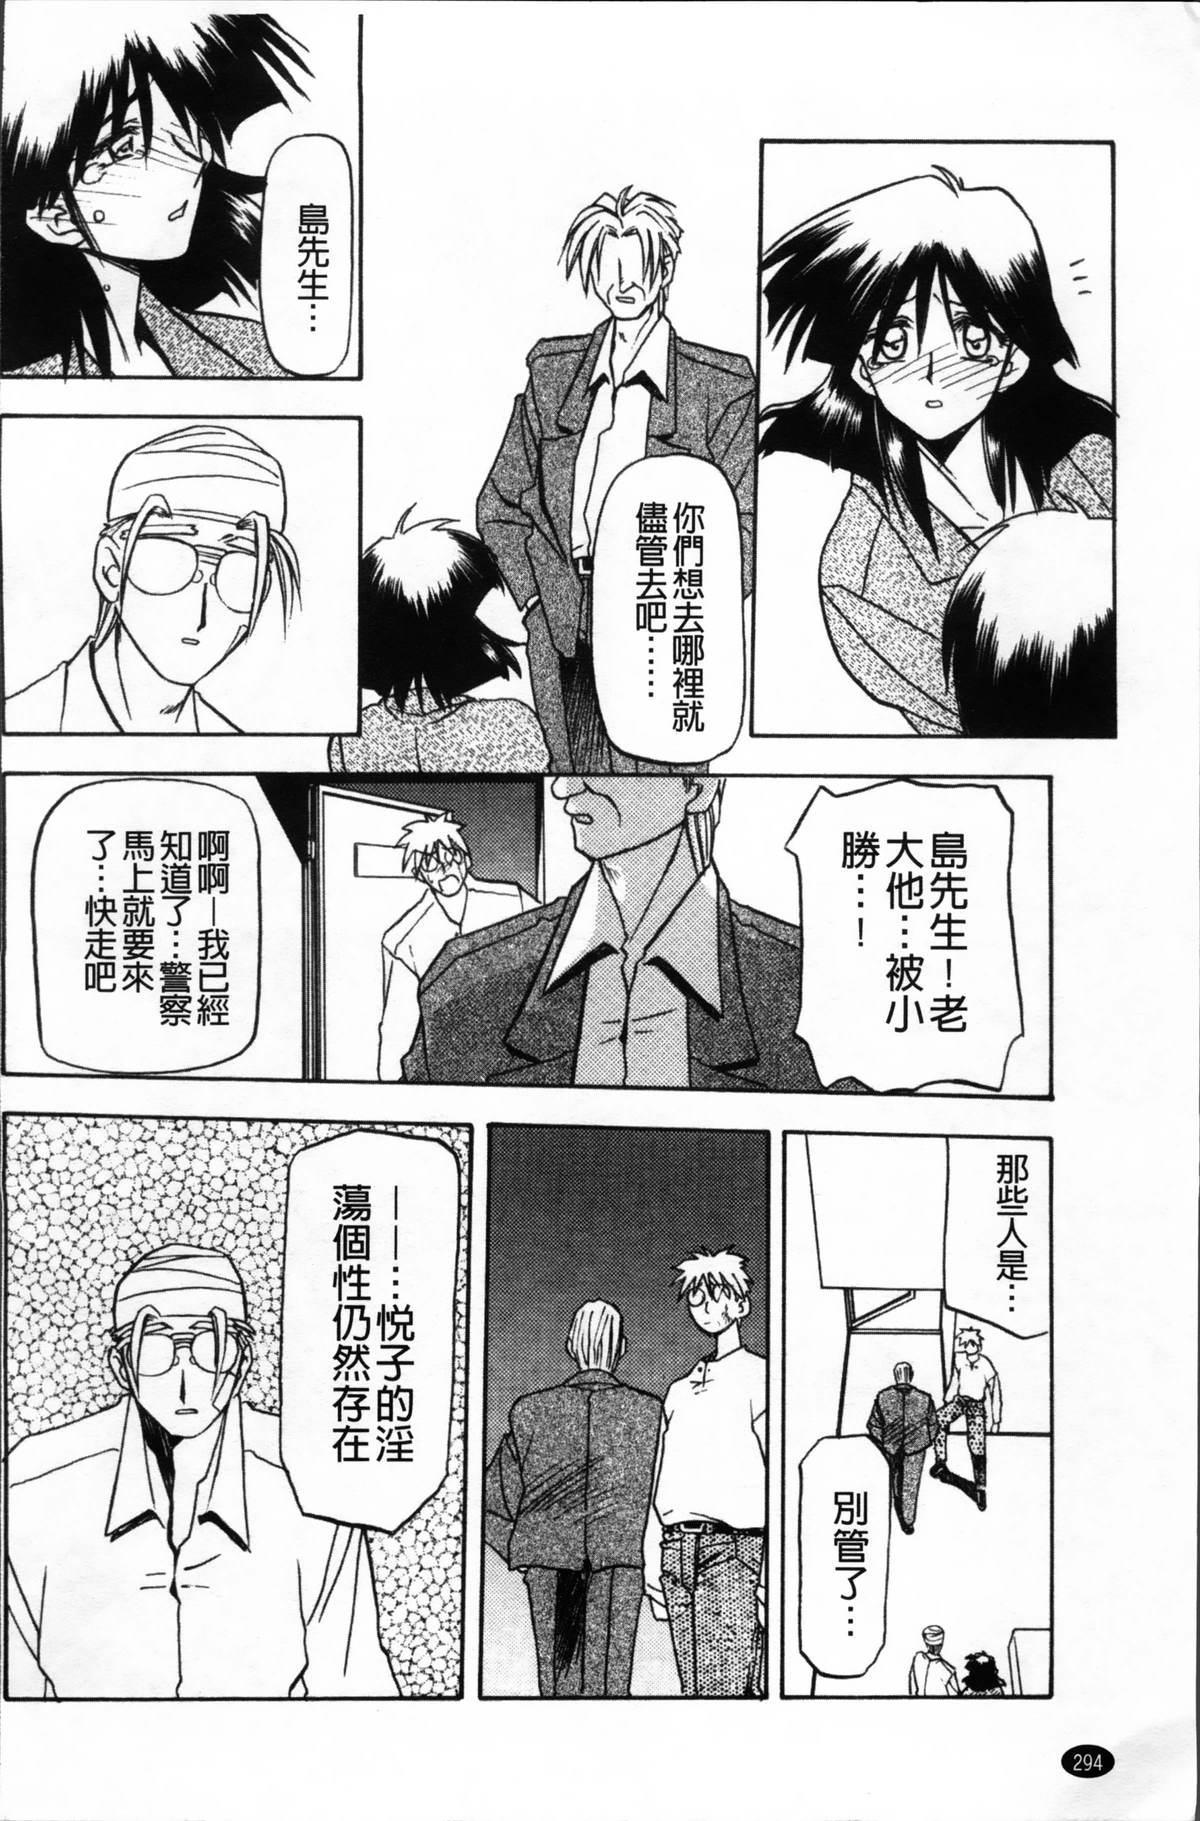 Hiiro no Koku Kanzenban   緋色之刻 完全版 297